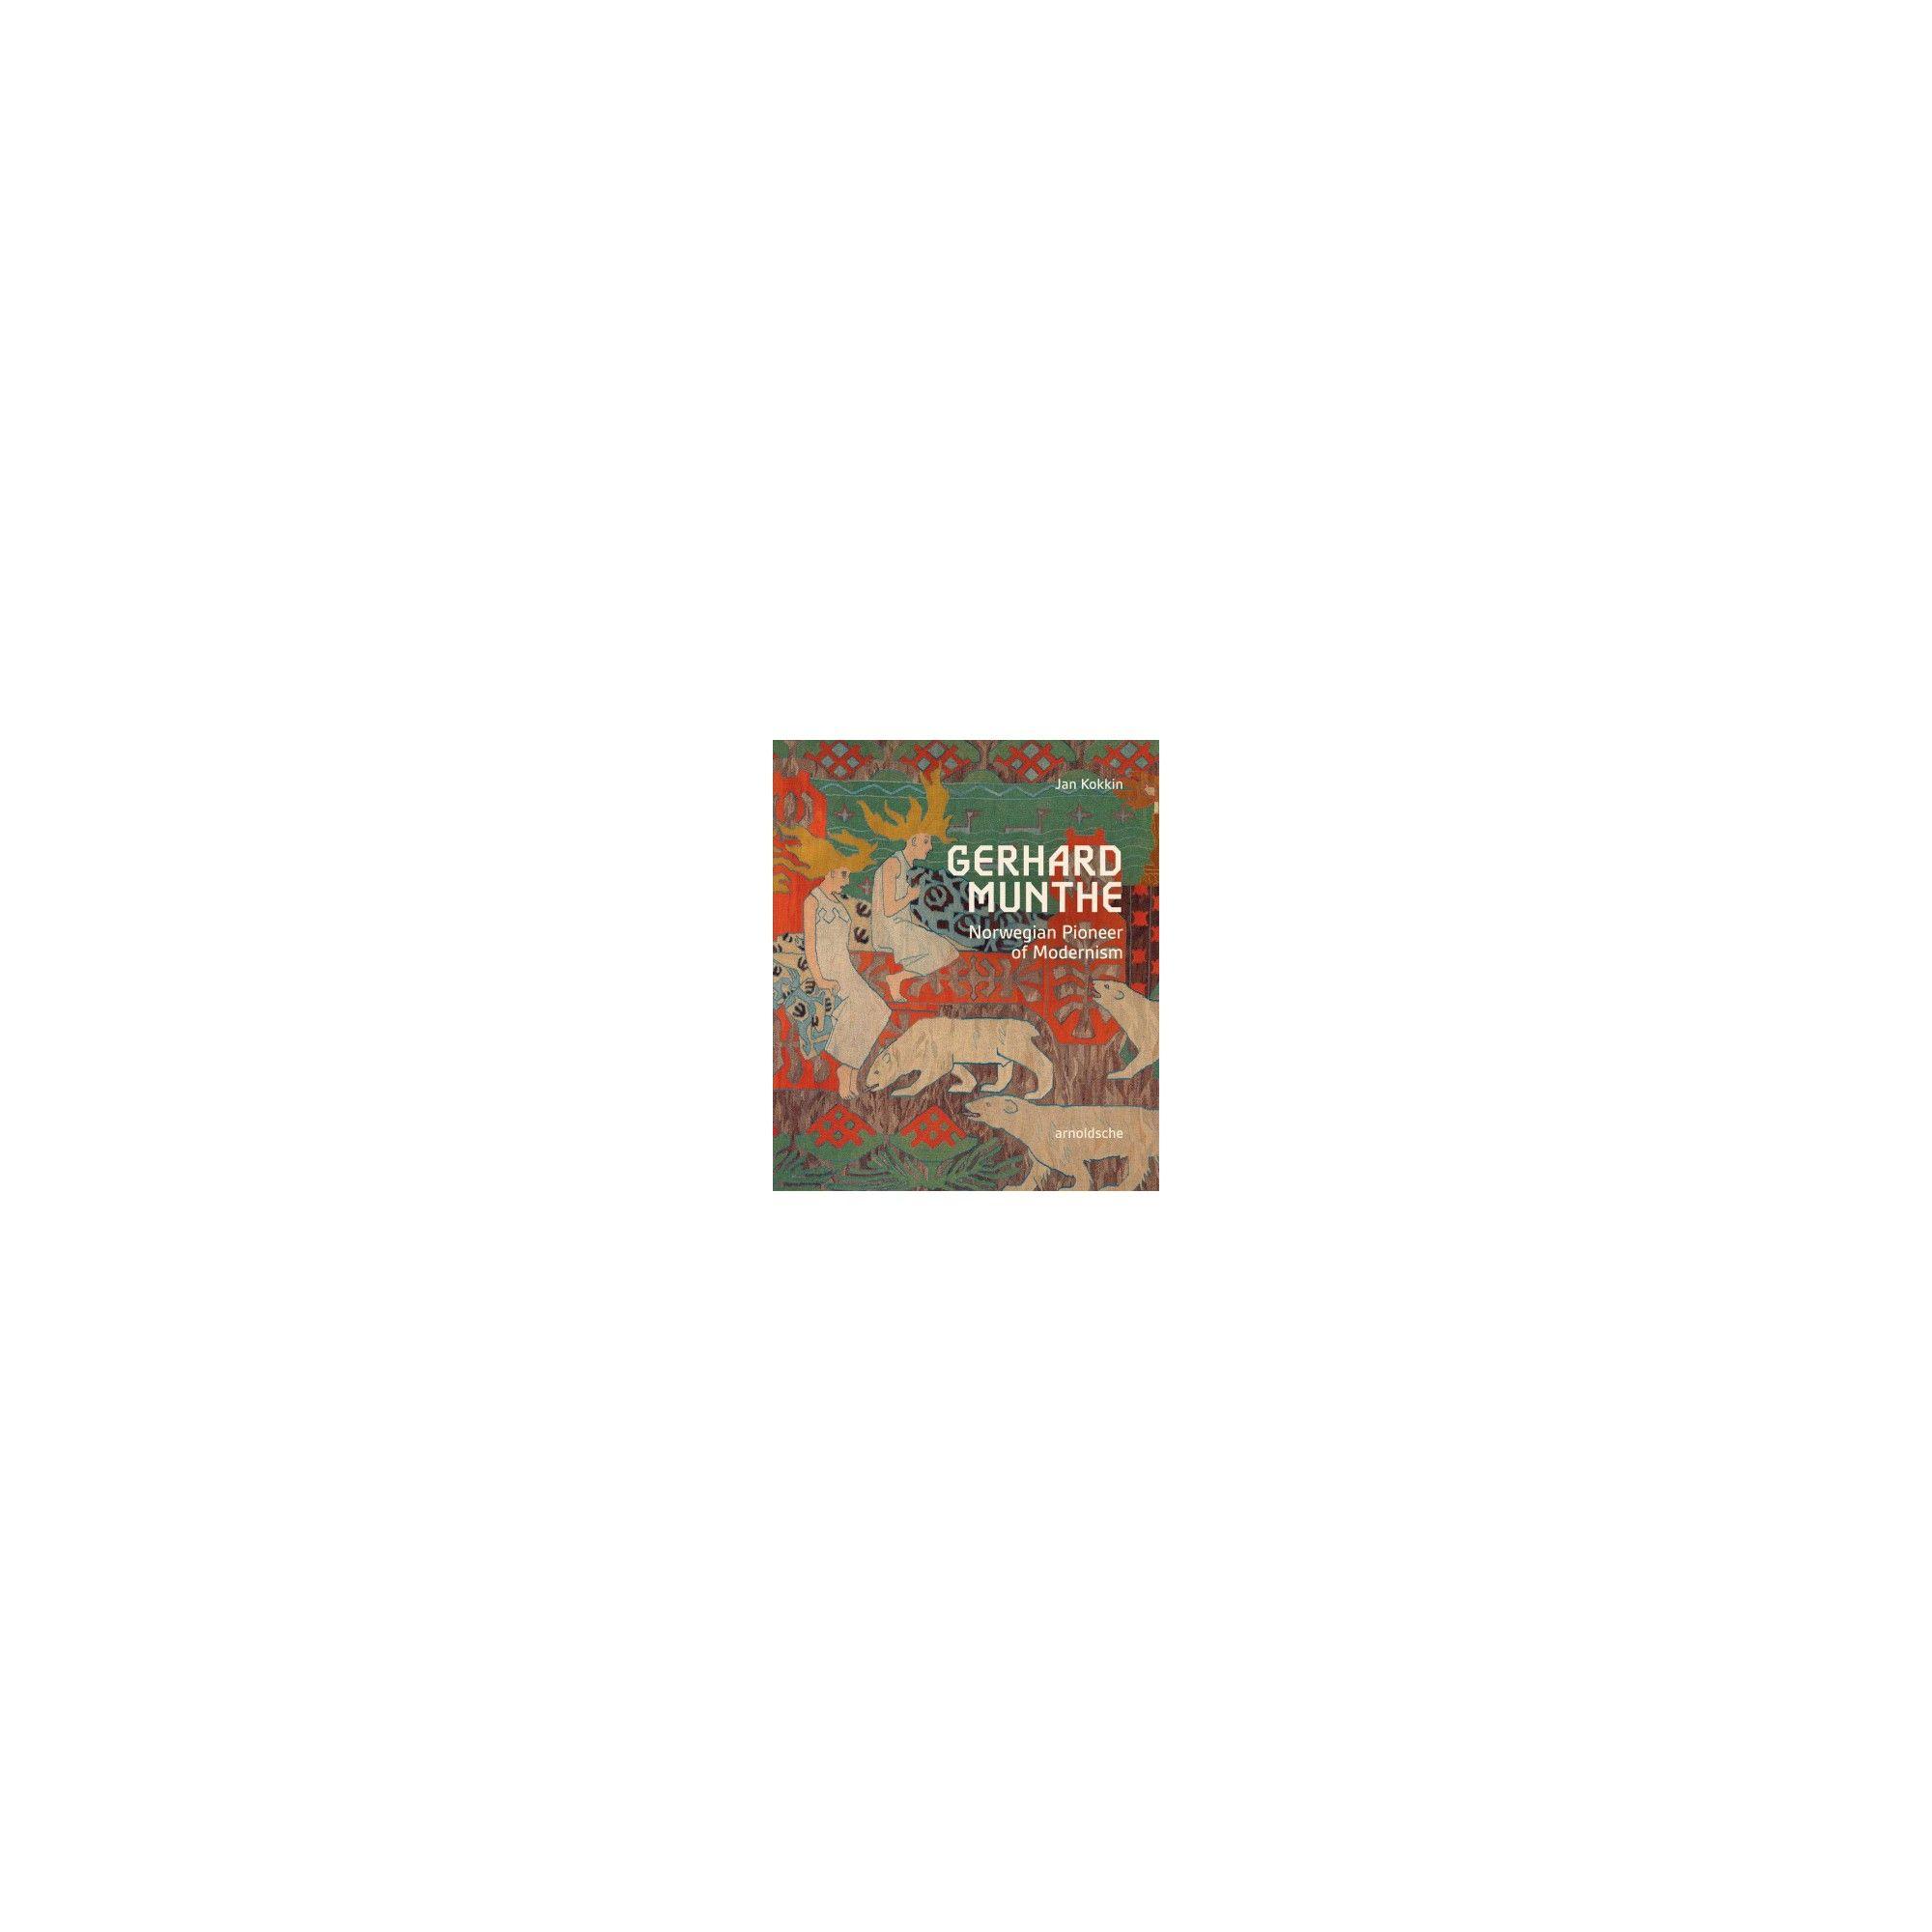 Gerhard Munthe : Norwegian Pioneer of Modernism - by Jan Kokkin (Hardcover)